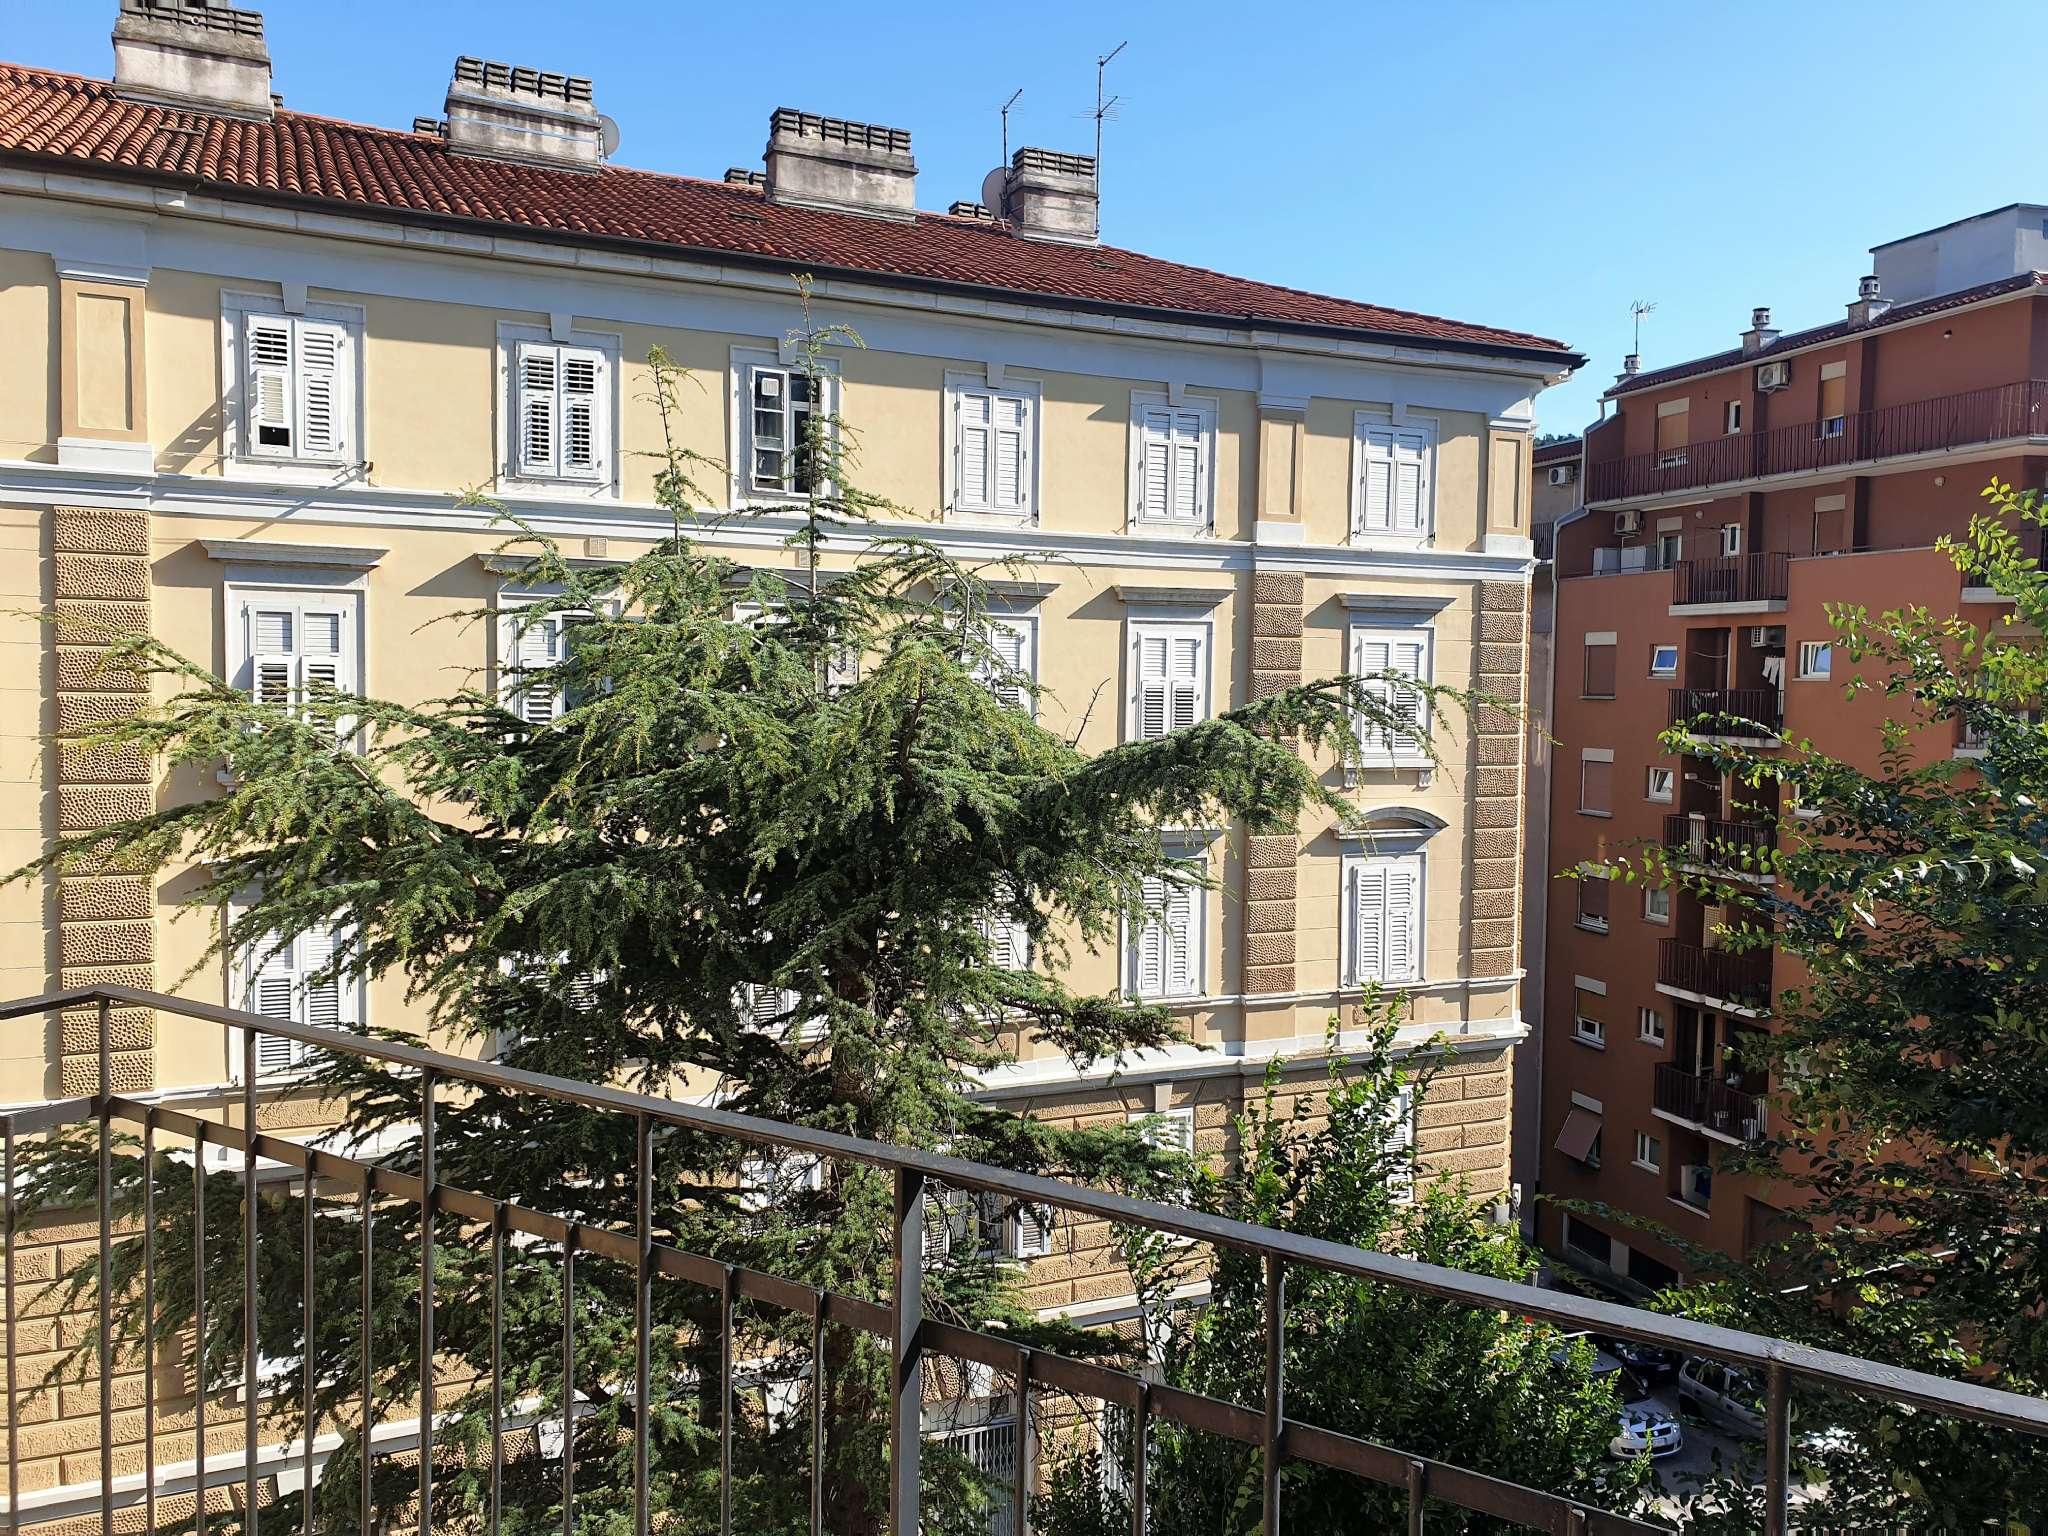 Appartamento in vendita a Trieste, 2 locali, prezzo € 94.000 | PortaleAgenzieImmobiliari.it